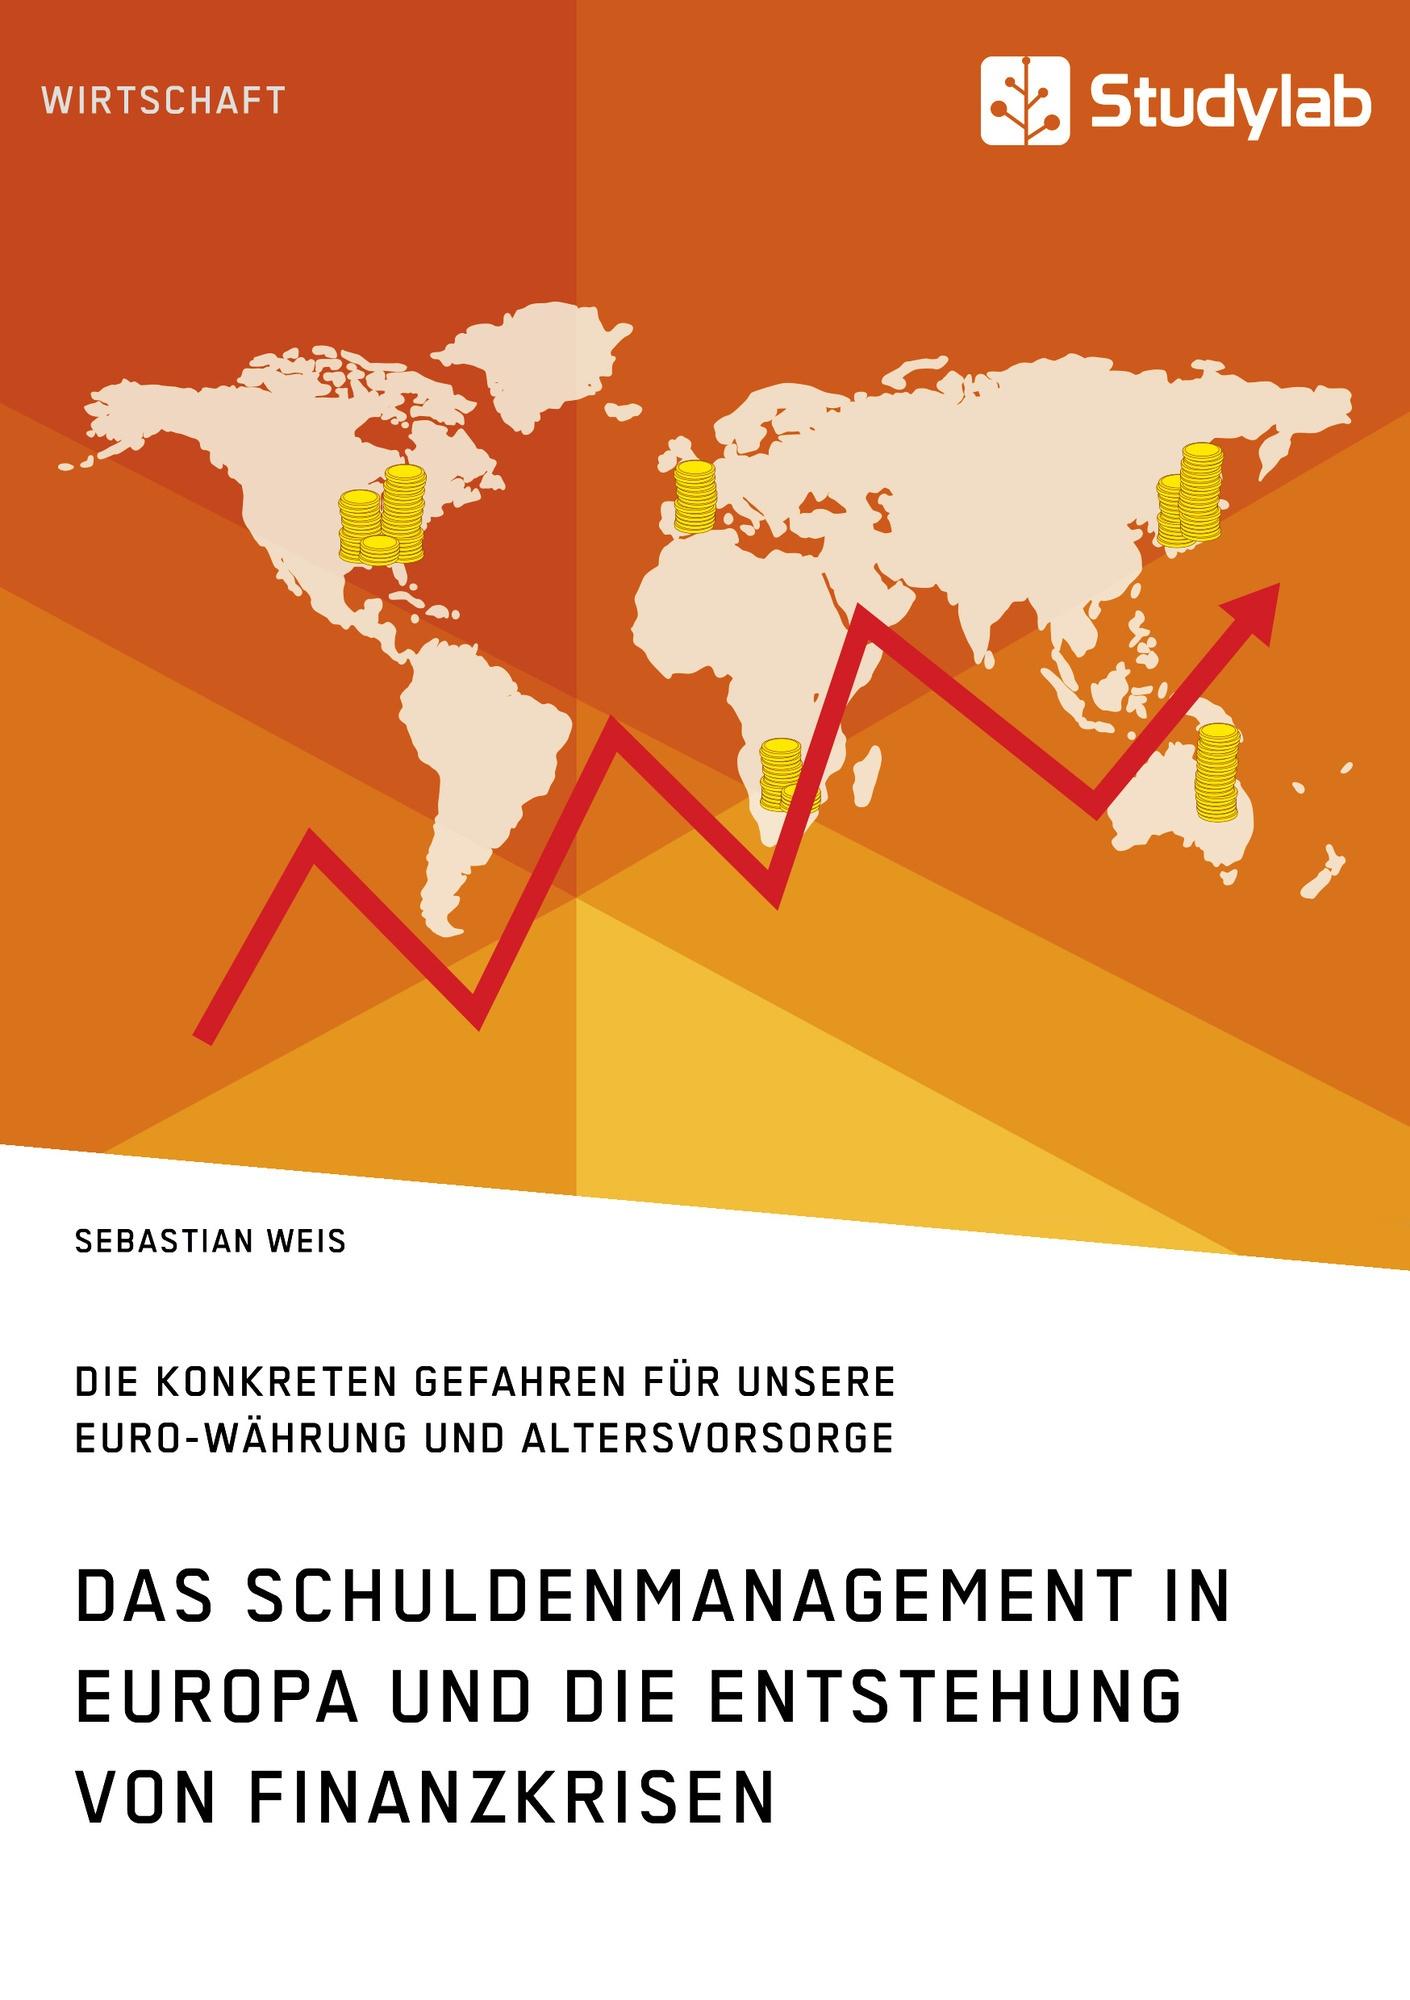 Titel: Das Schuldenmanagement in Europa und die Entstehung von Finanzkrisen